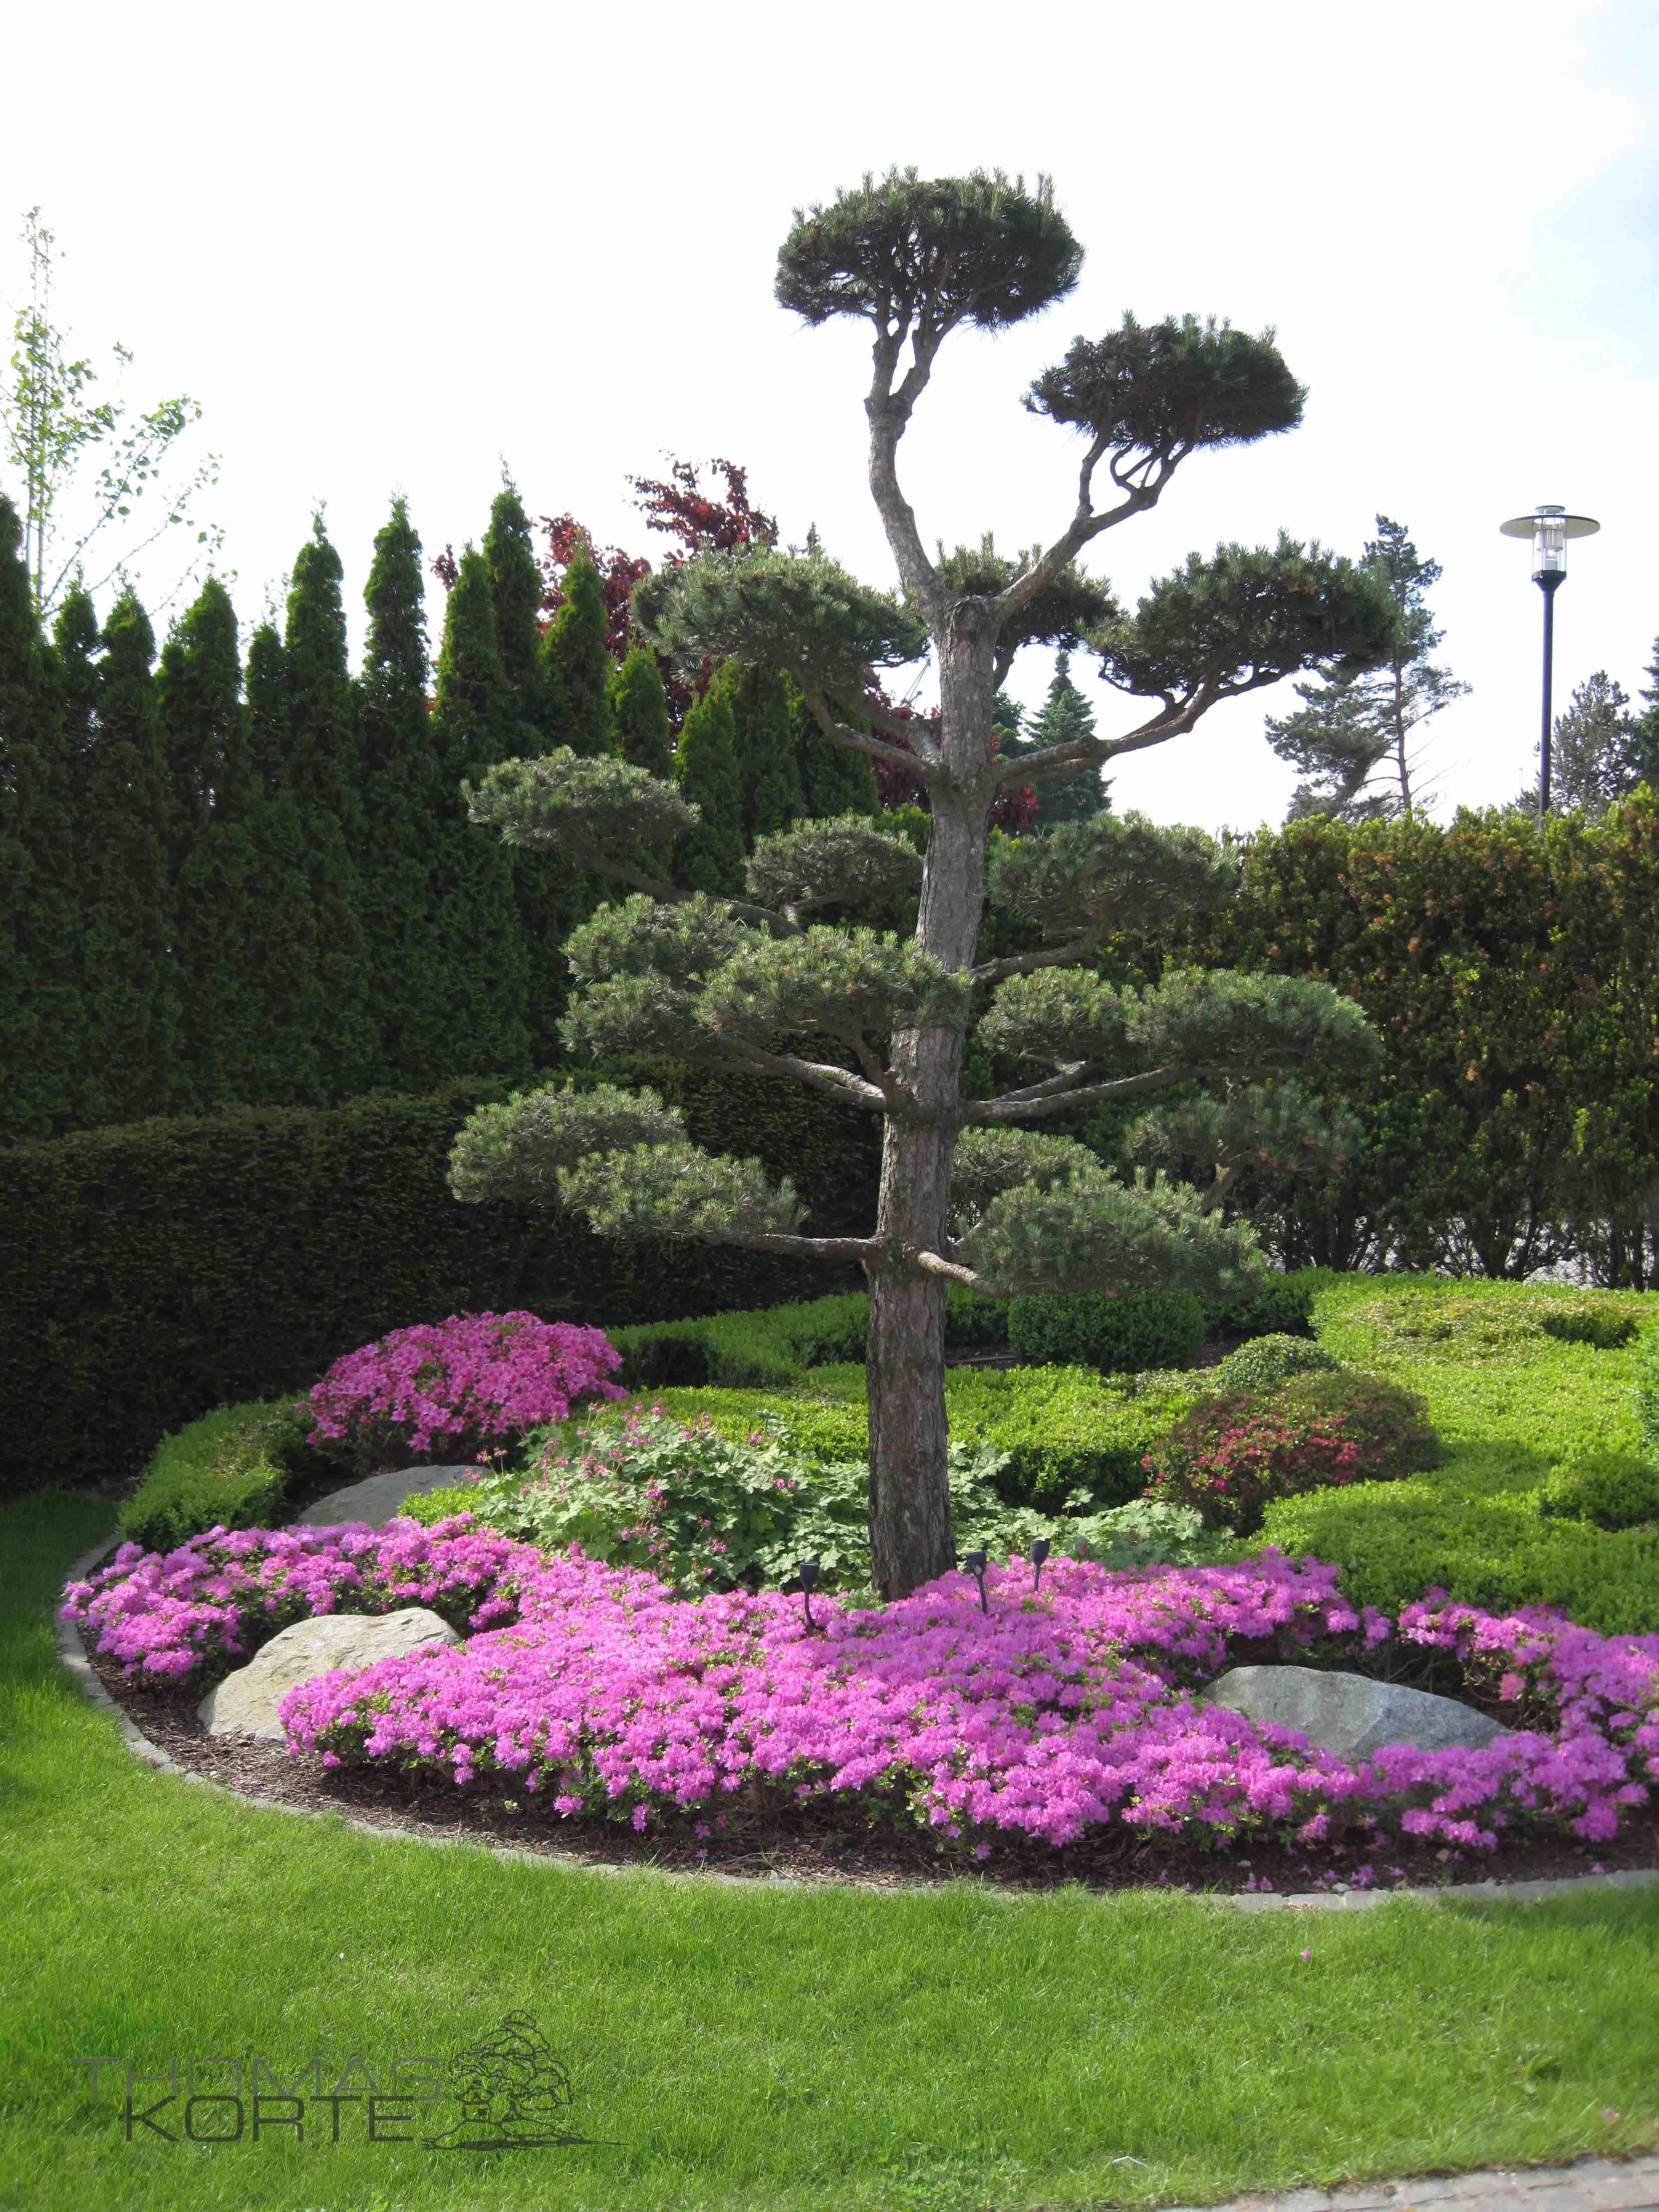 Notter Japan Garten Pius Notter Gartengestaltung Japanischer Garten Garten Garten Landschaftsbau